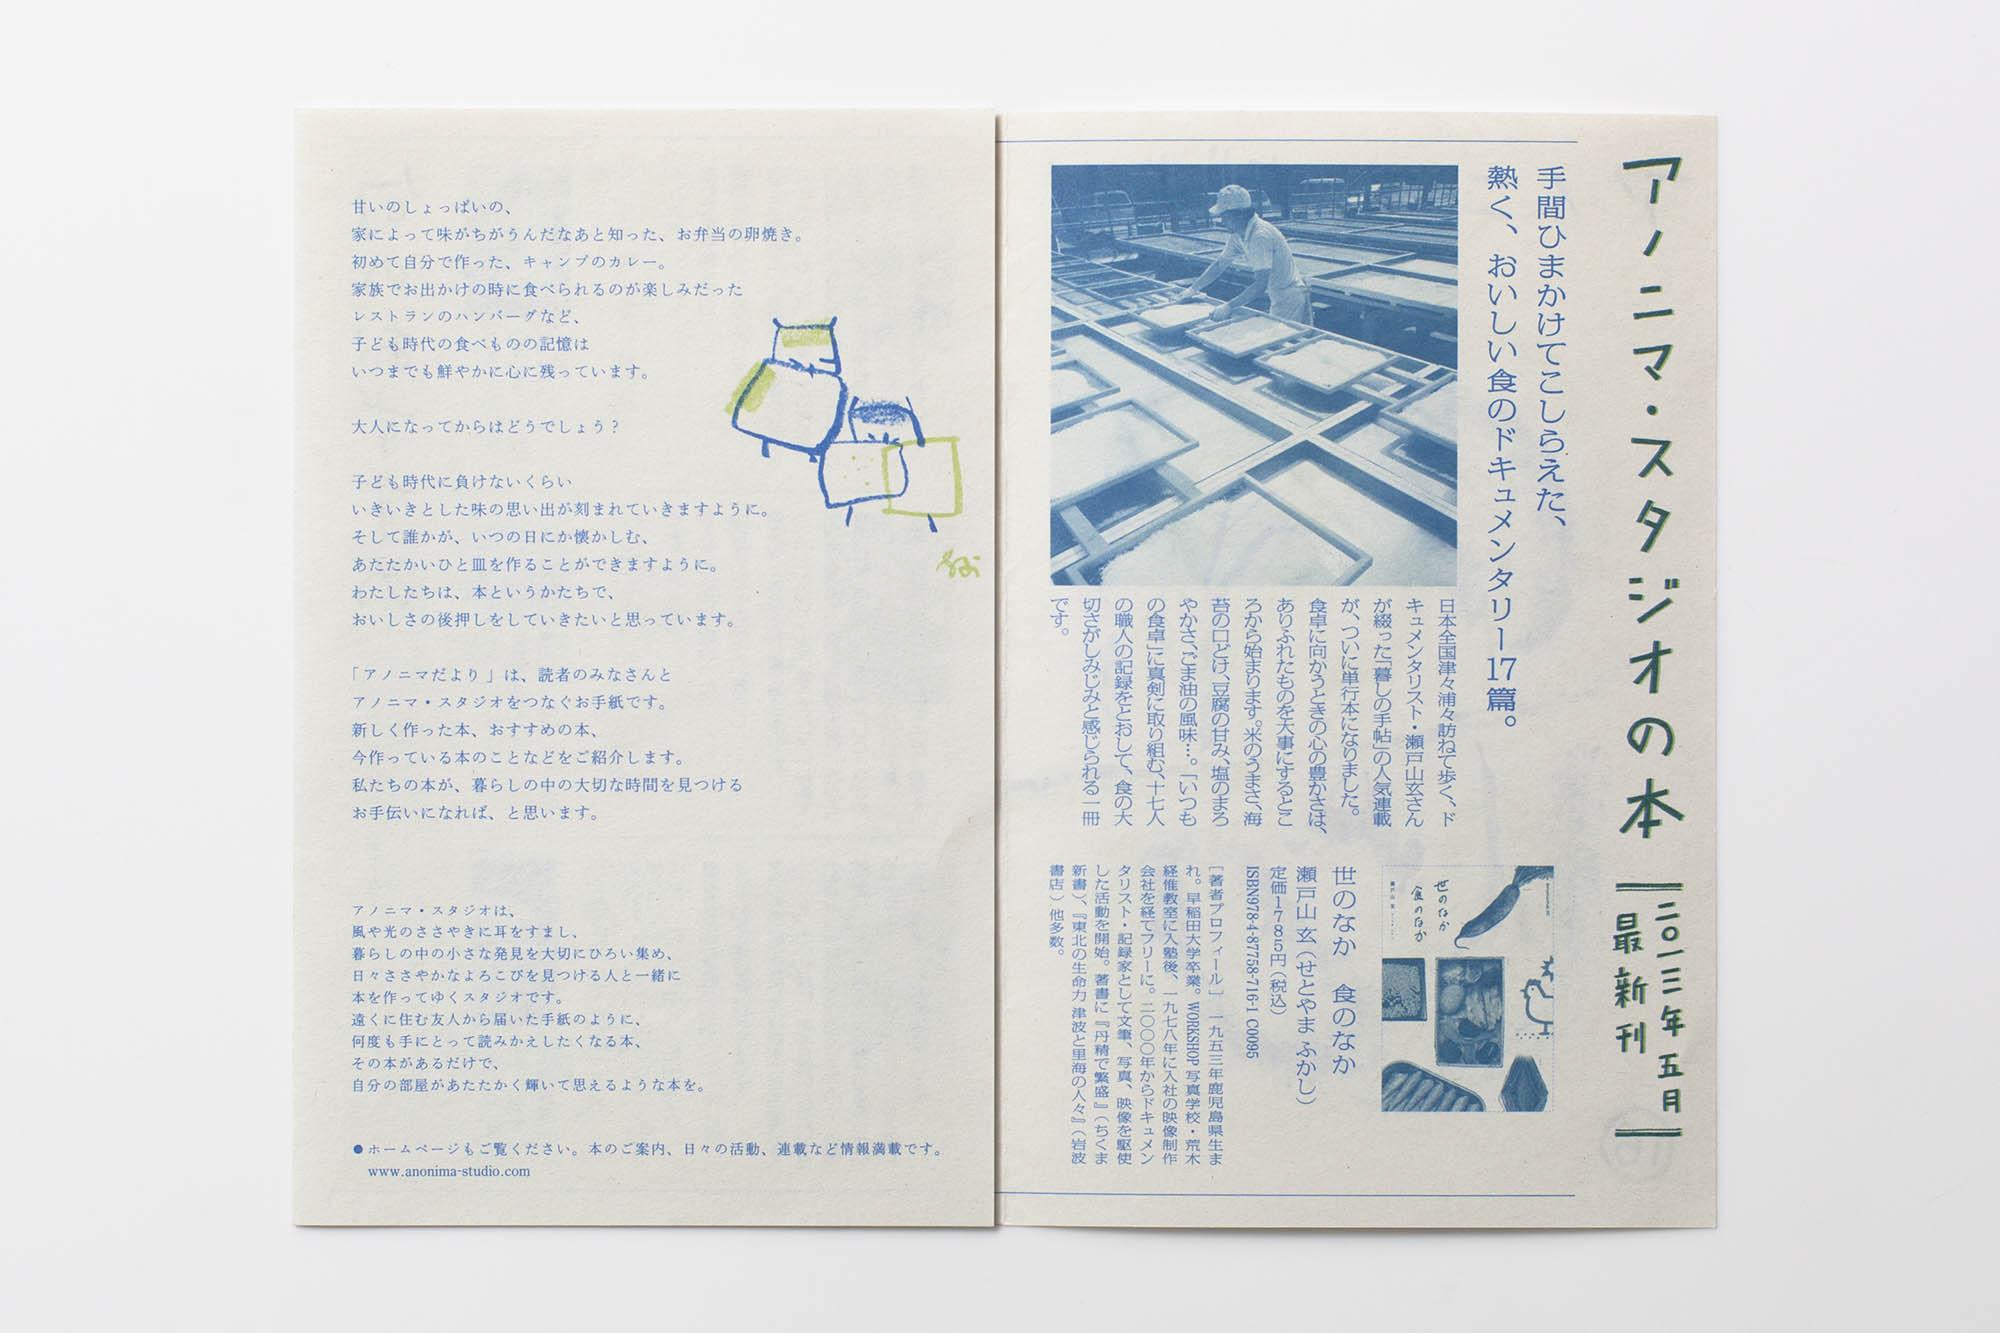 leaflet_DM_168